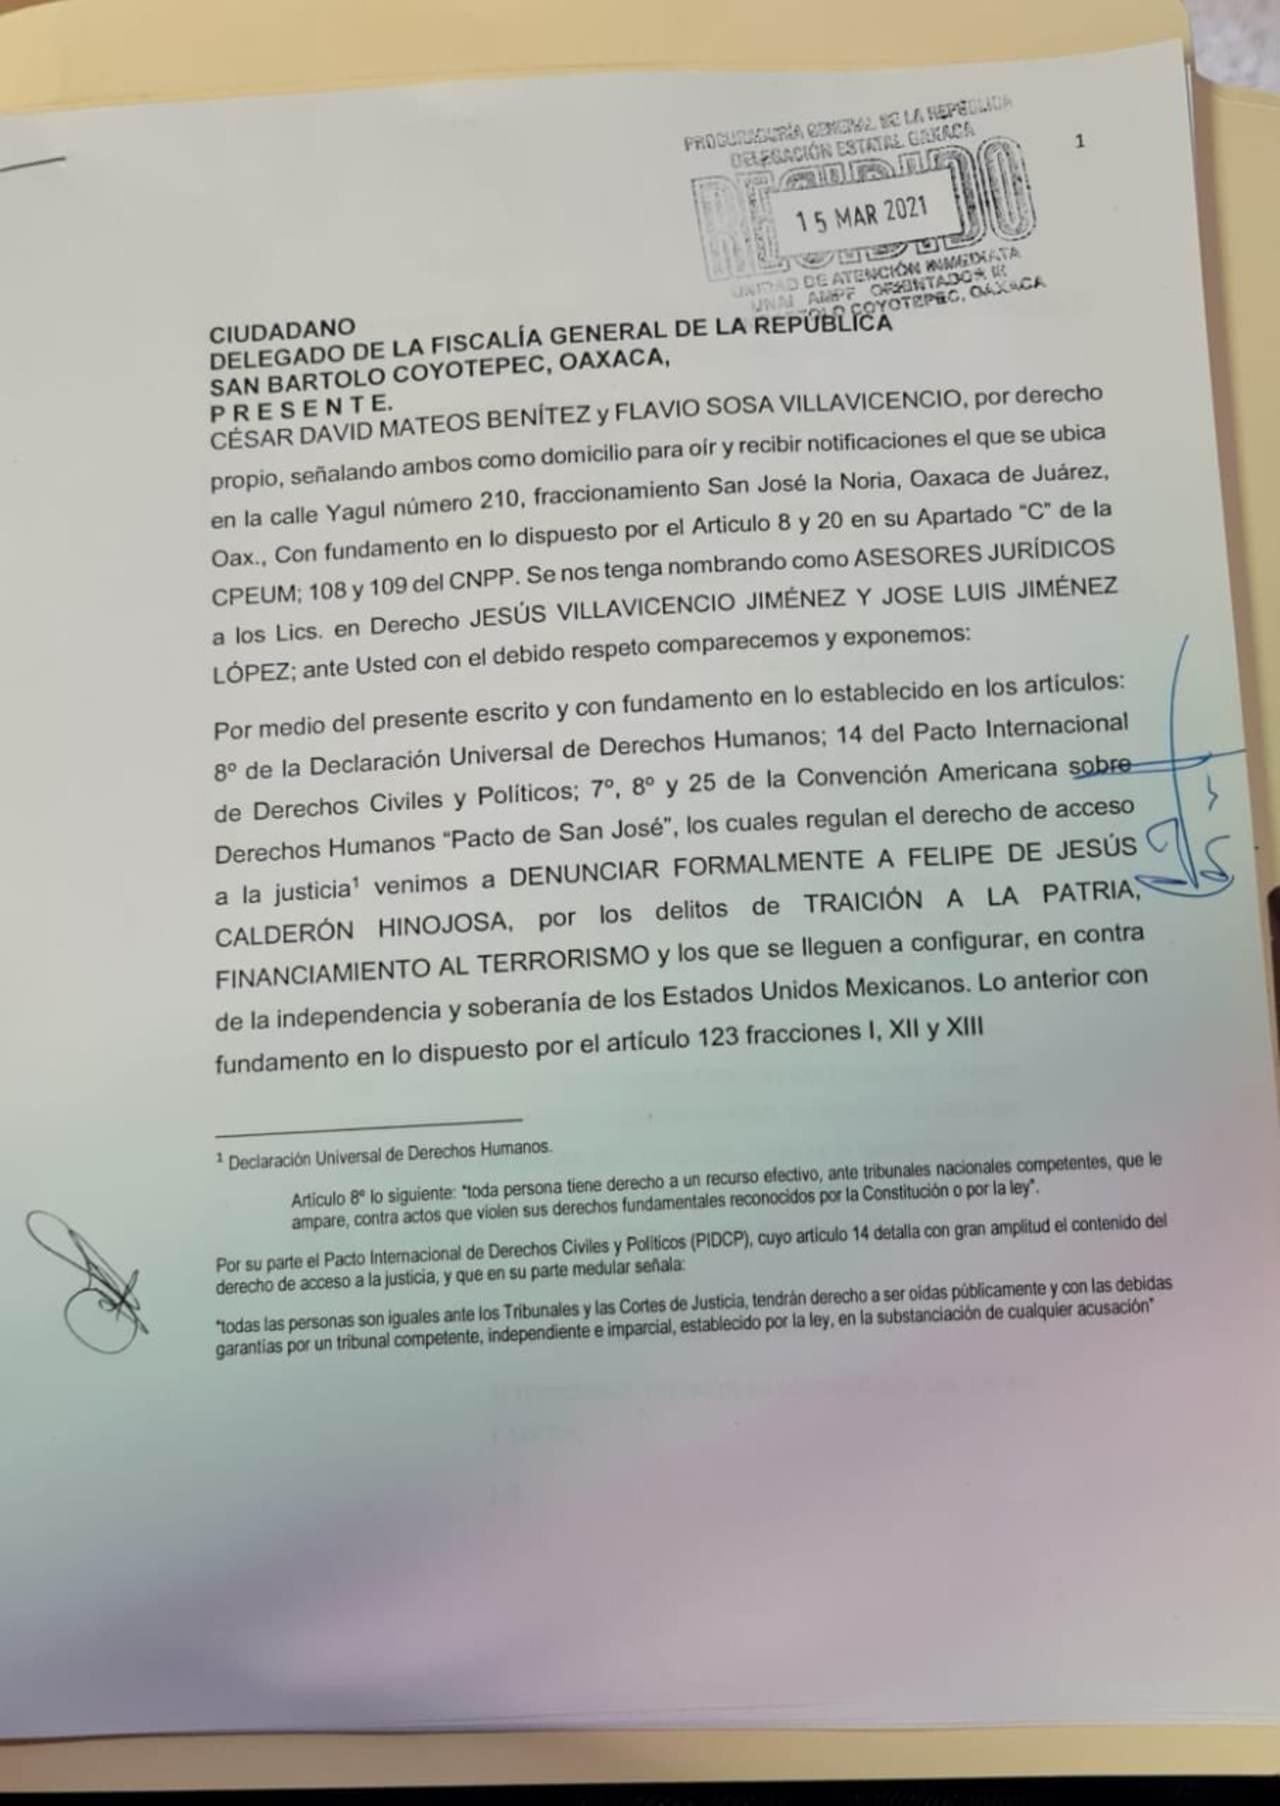 Denuncia Felipe Calderón traición a la patria FGR